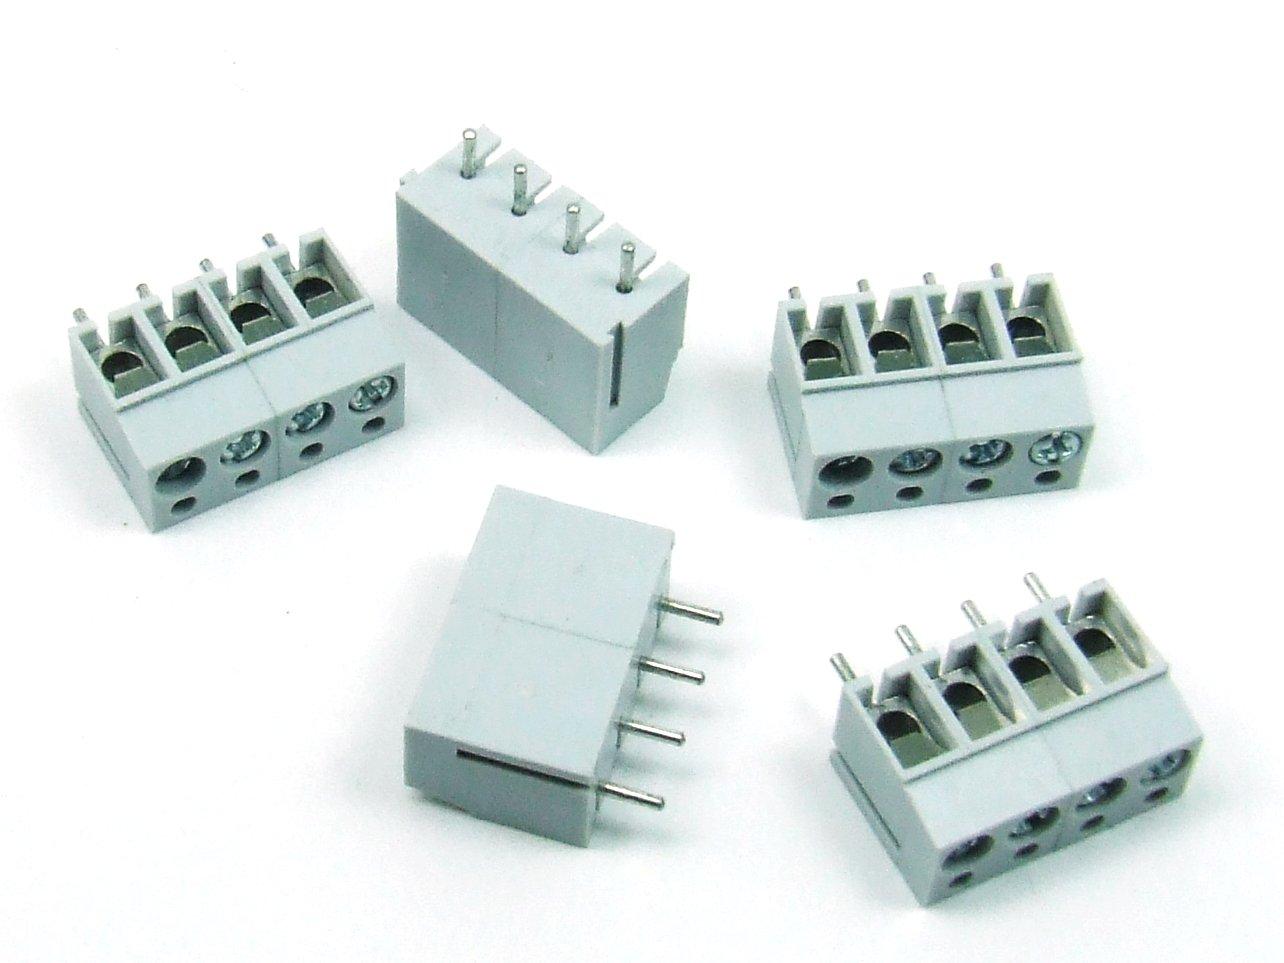 5 Stk.//pcs x KLEMMLEISTE//TERMINAL BLOCK 4 polig//way 16A Platine PCB #A740 POPESQ/®